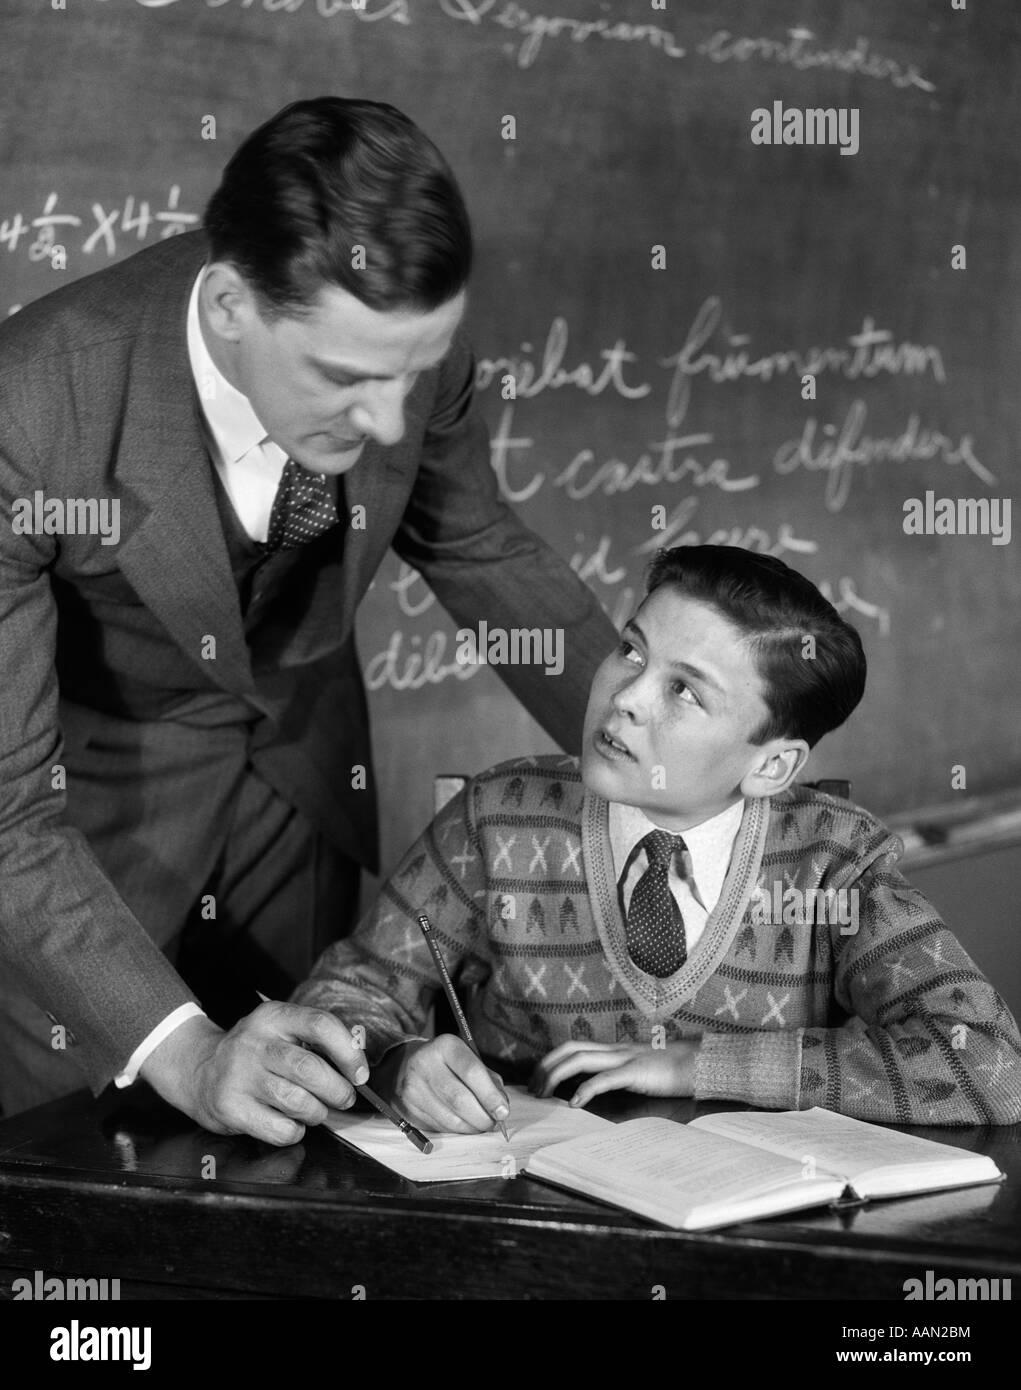 1920s classe insegnante maschio aiutando il ragazzo alla reception - Lavagna IN BACKGROUND Immagini Stock